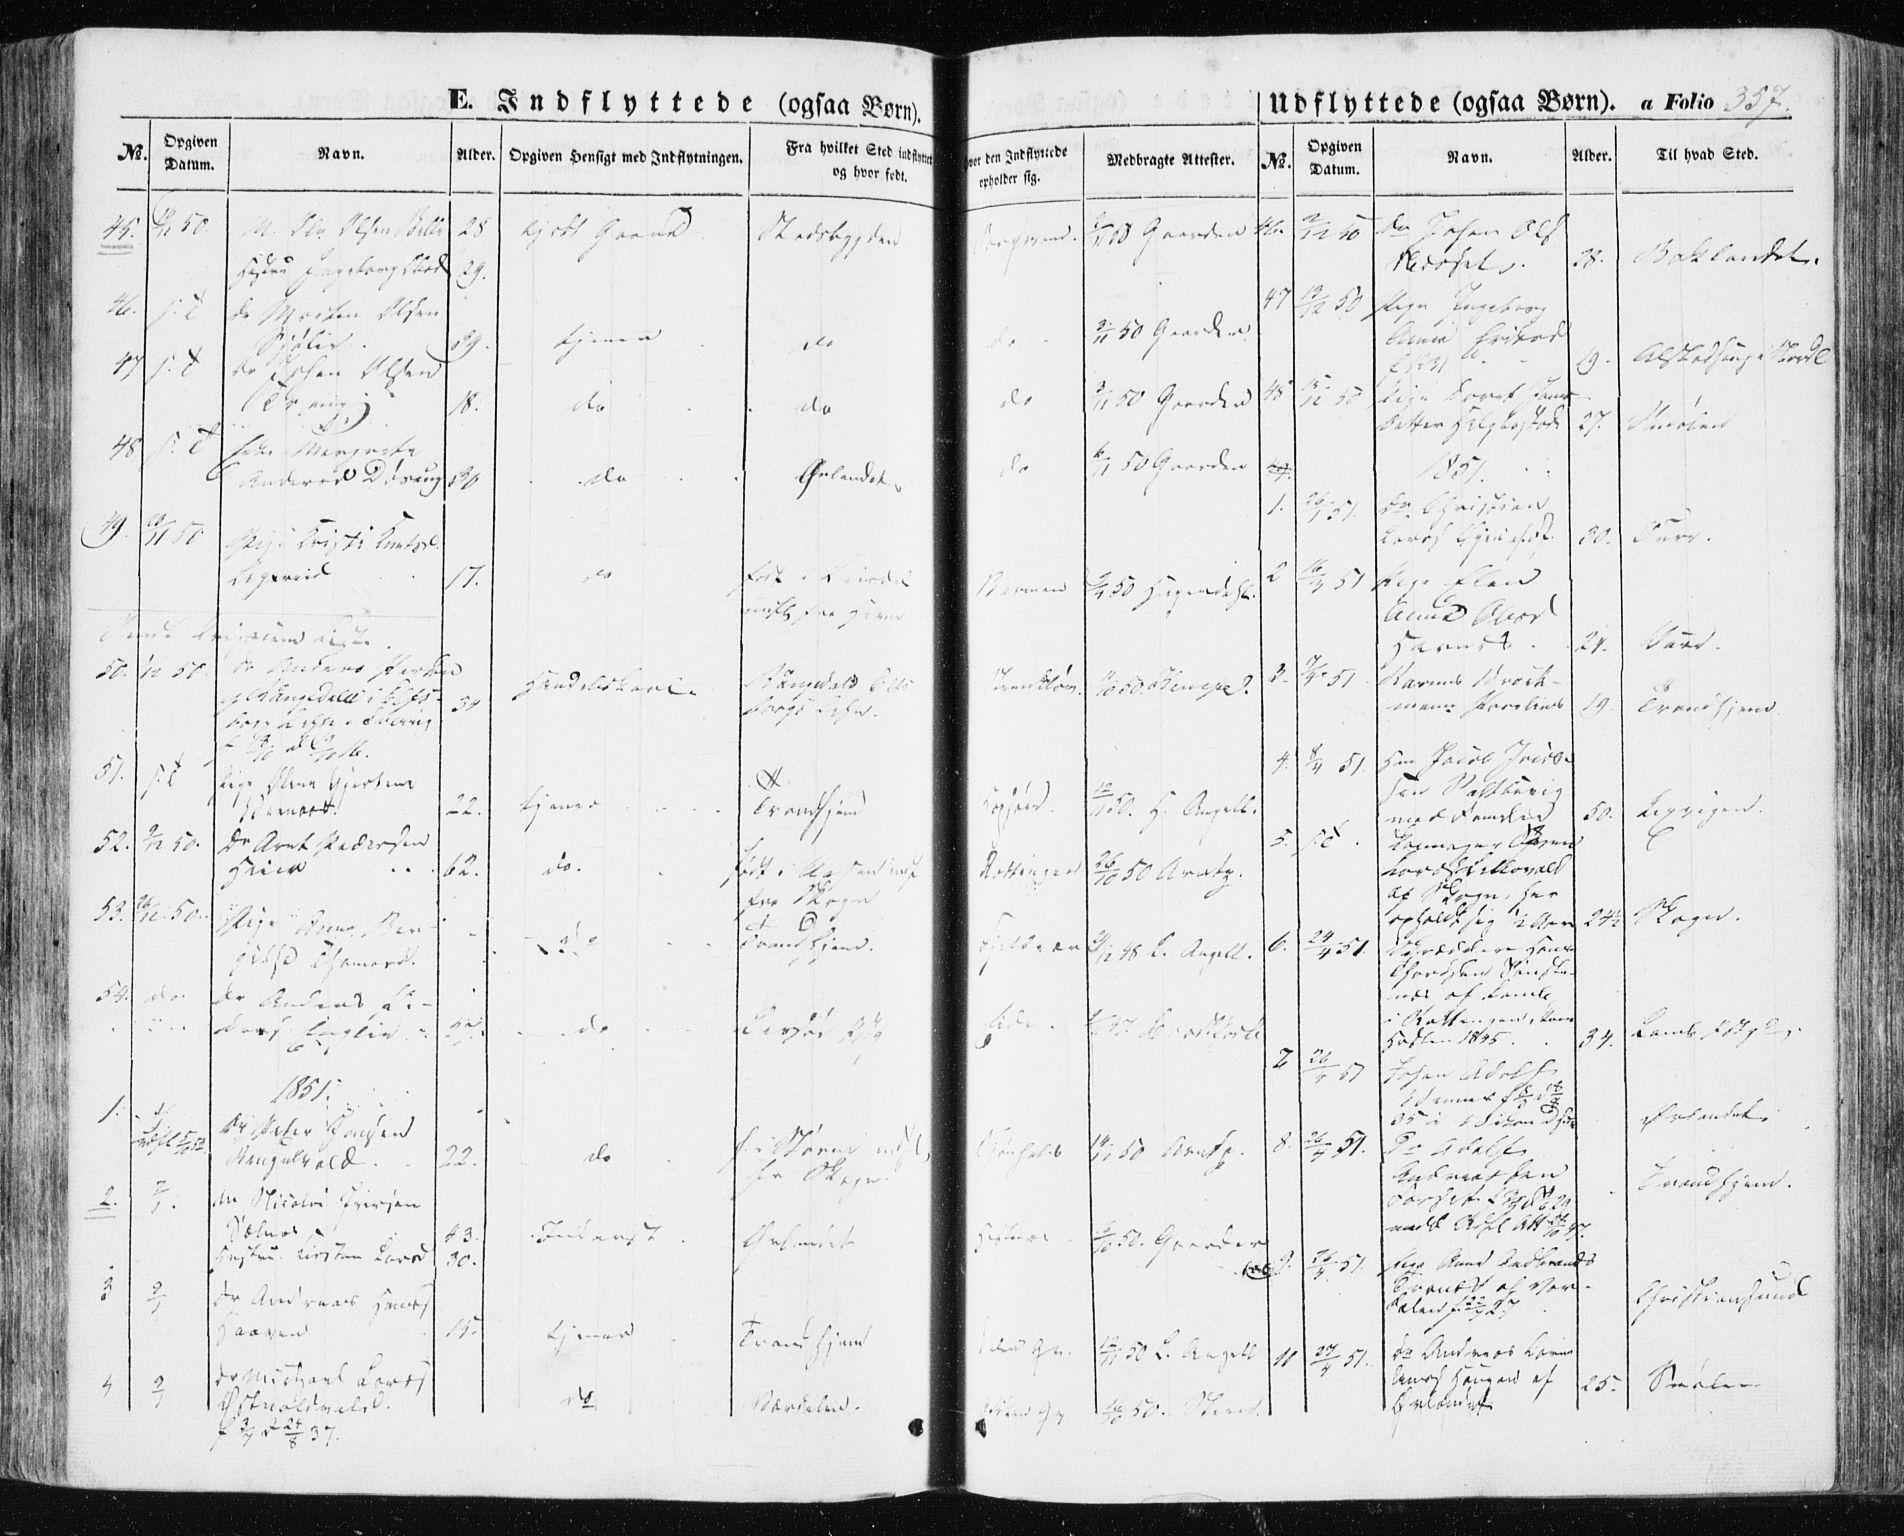 SAT, Ministerialprotokoller, klokkerbøker og fødselsregistre - Sør-Trøndelag, 634/L0529: Ministerialbok nr. 634A05, 1843-1851, s. 357